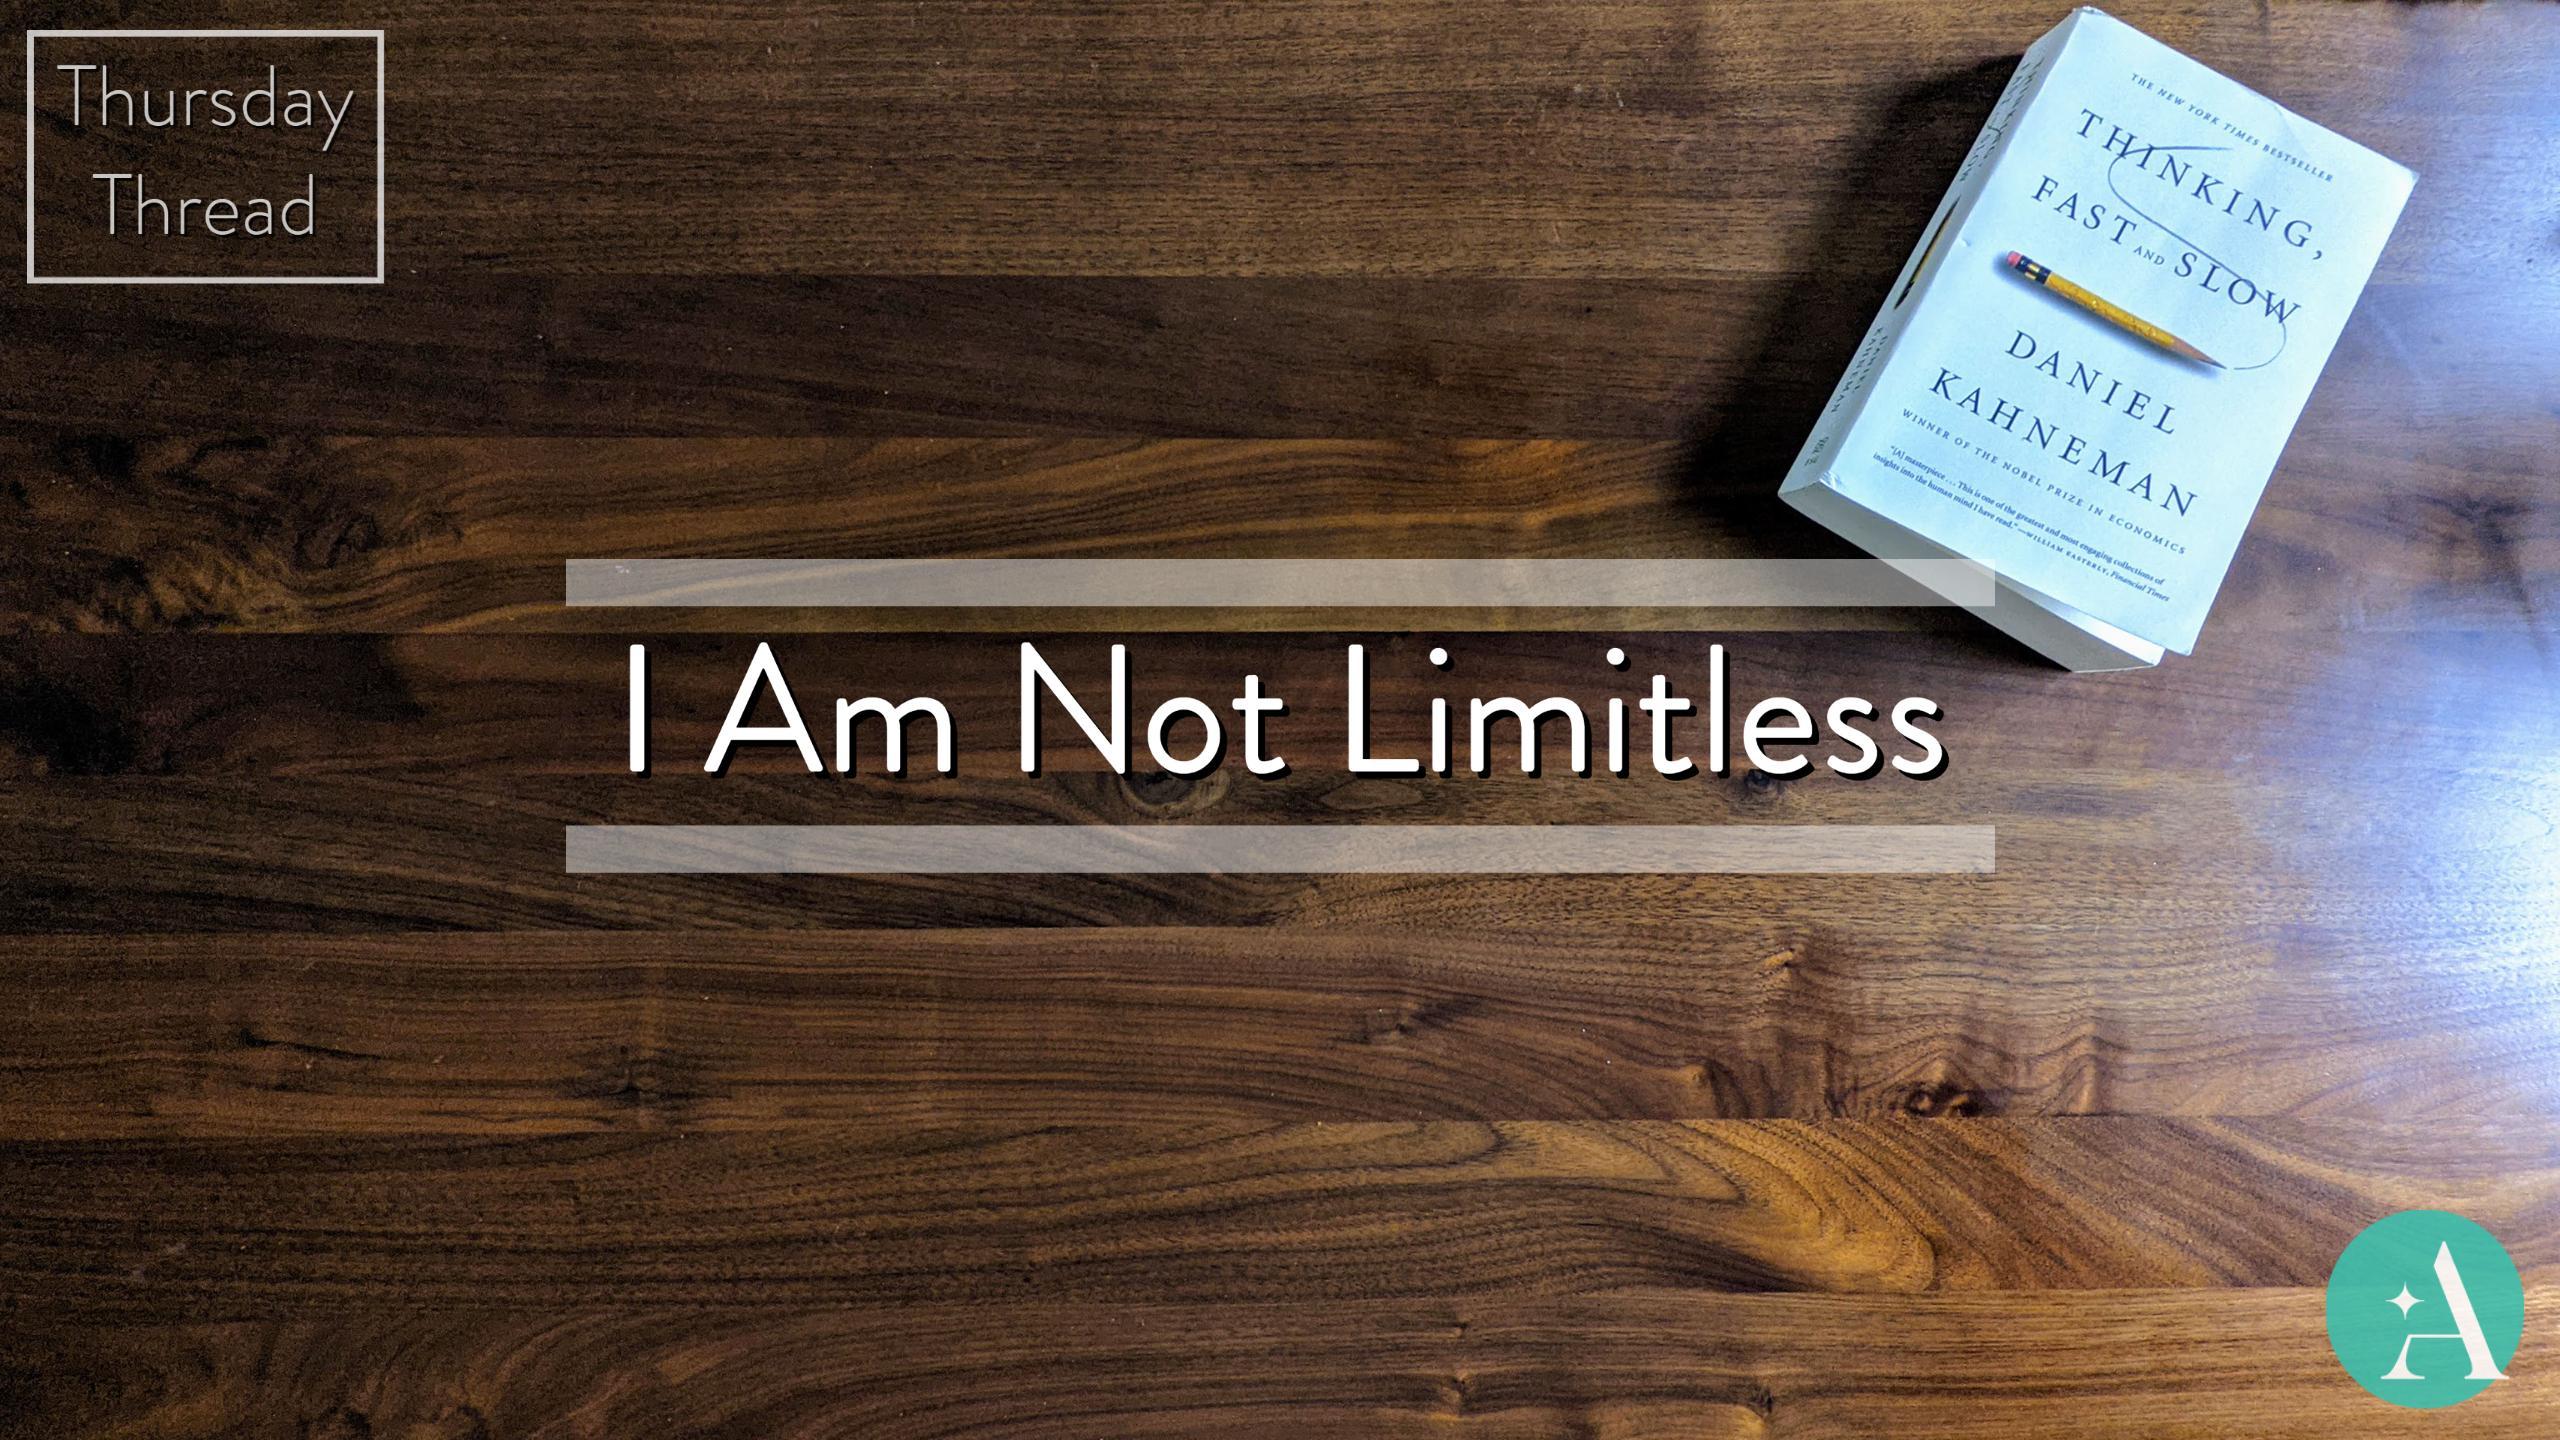 Thursday Thread: I Am Not Limitless Thumbnail